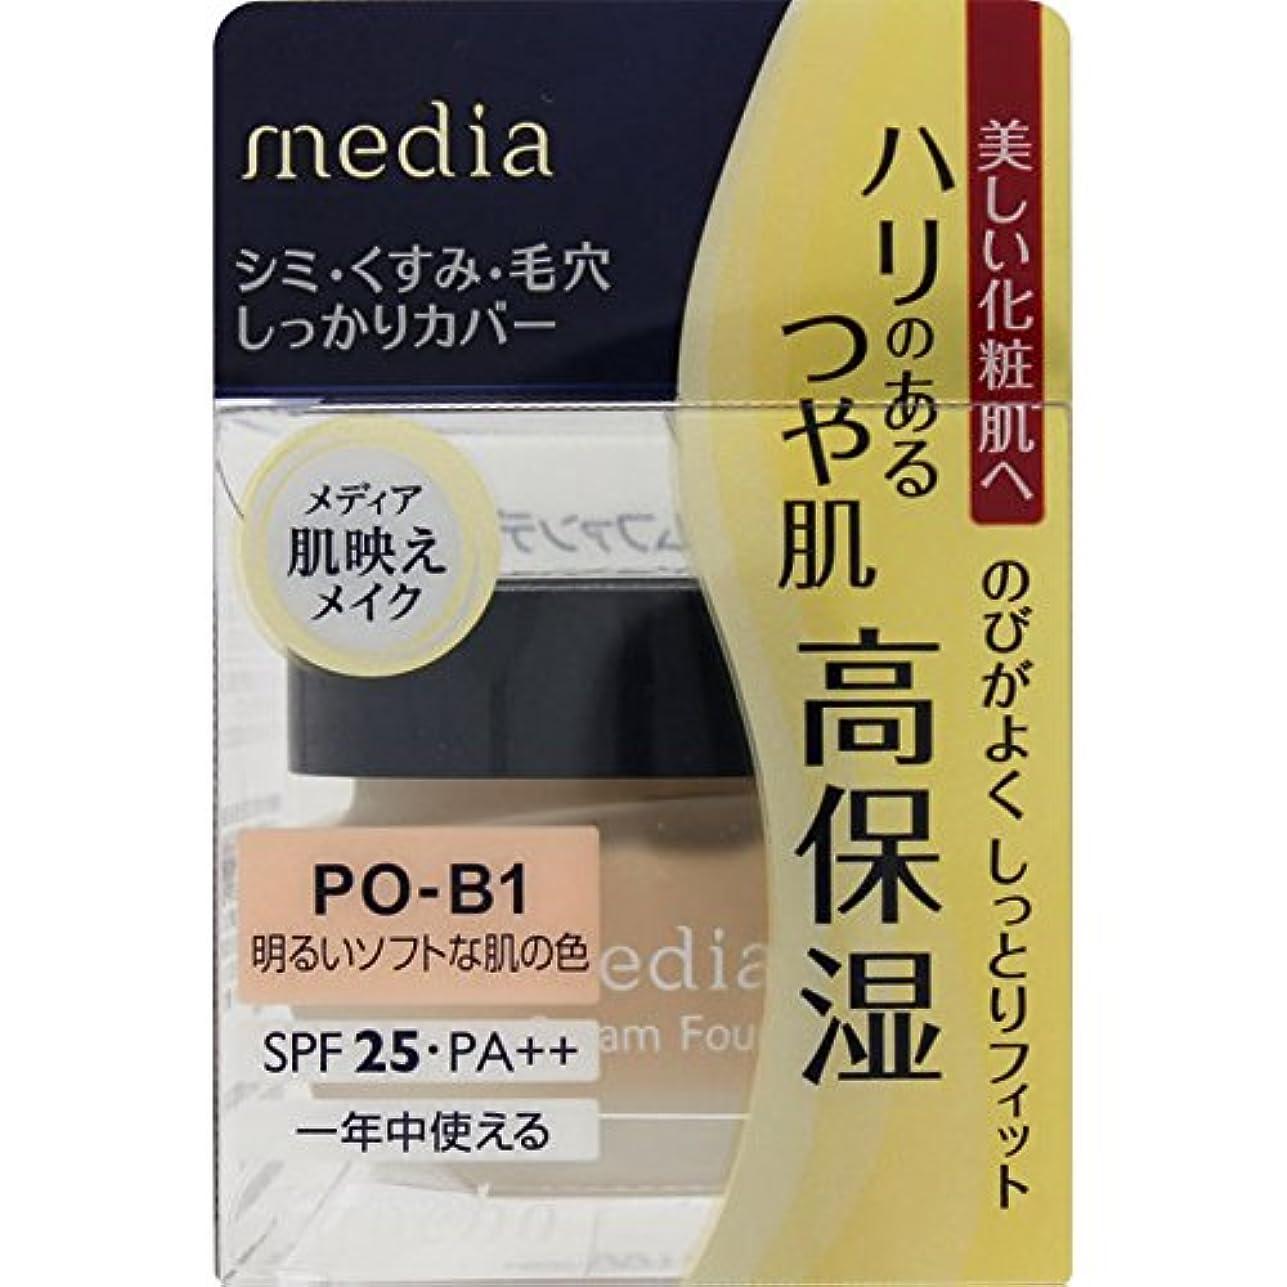 持続的手順確かなカネボウ化粧品 メディア クリームファンデーション 明るいソフトな肌の色 POーB1